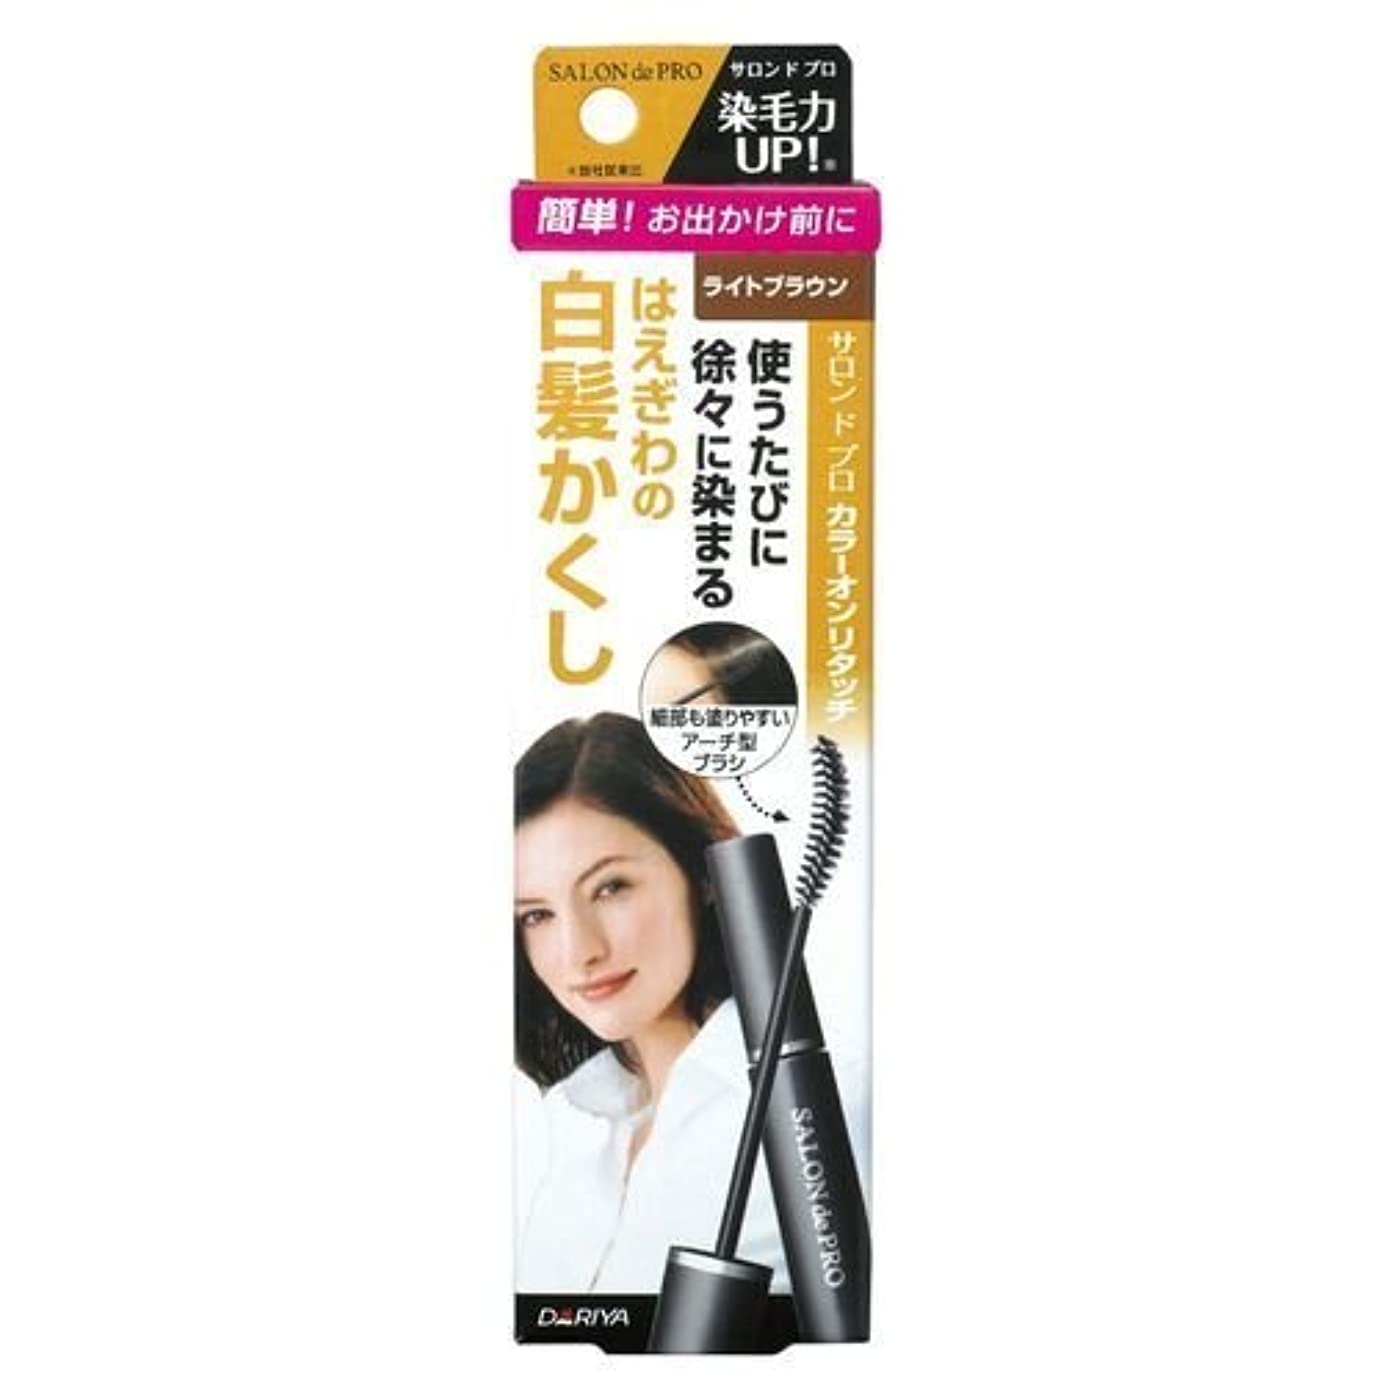 腰ミット中毒サロンドプロ カラーオンリタッチ 白髪かくしEX ライトブラウン 15ml